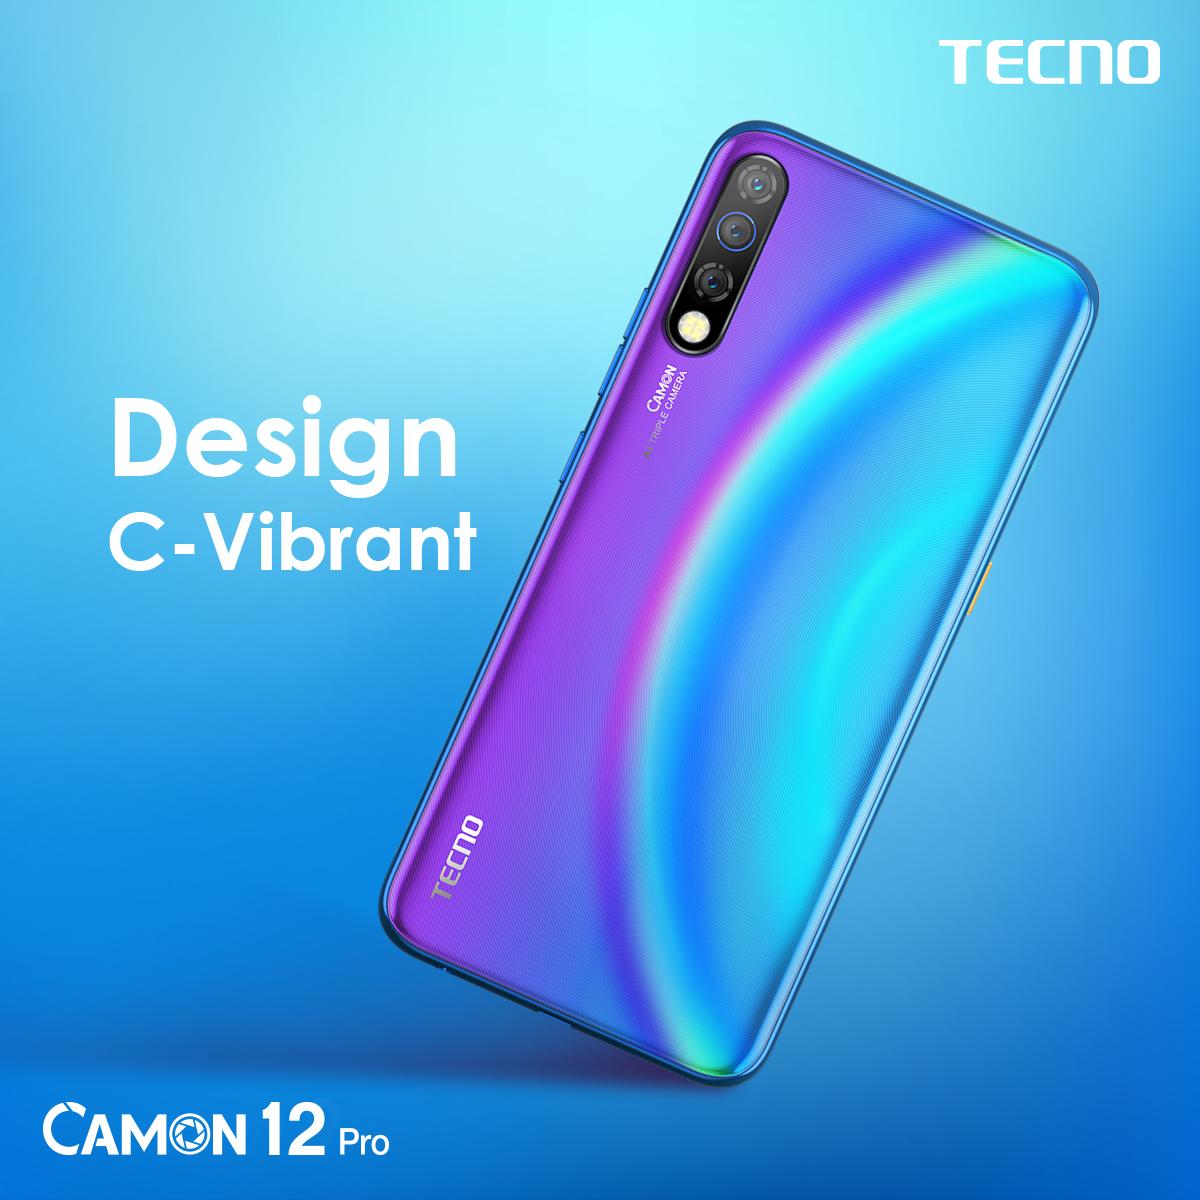 Design C vibrant